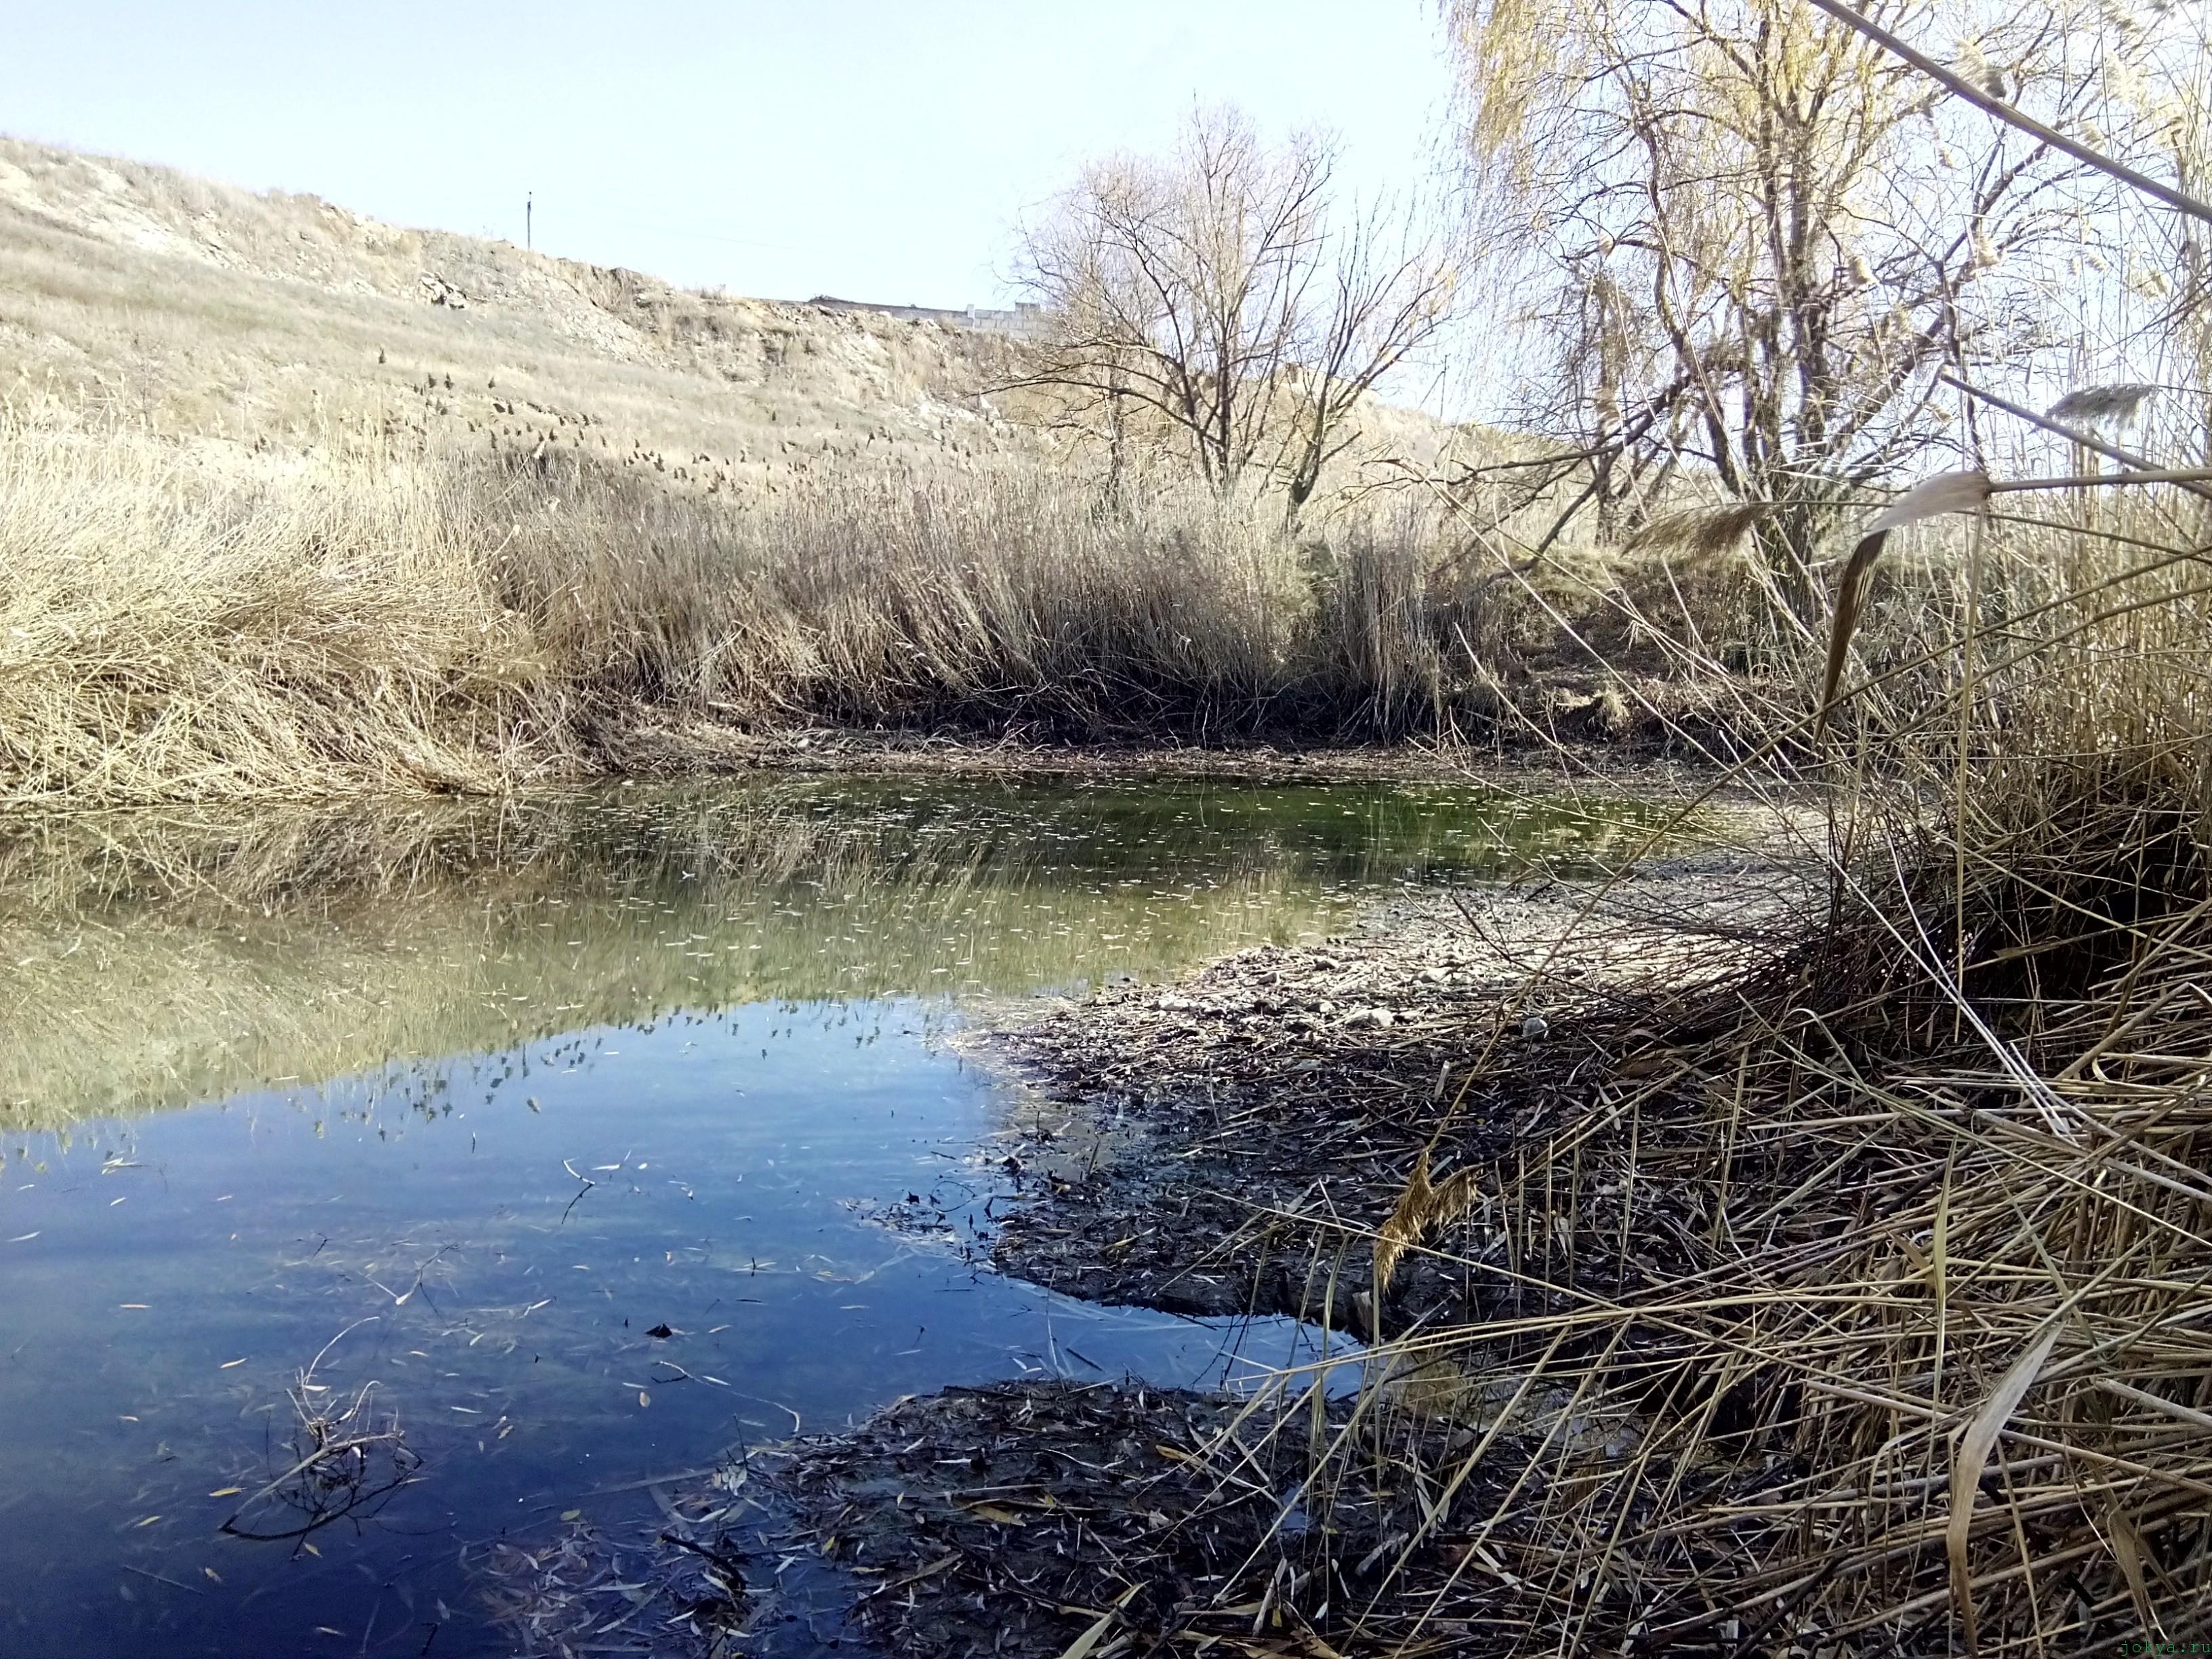 Рыбалка осенью с удочкой: осенний пейзаж фото в ноябре моя фото реальность в Крыму